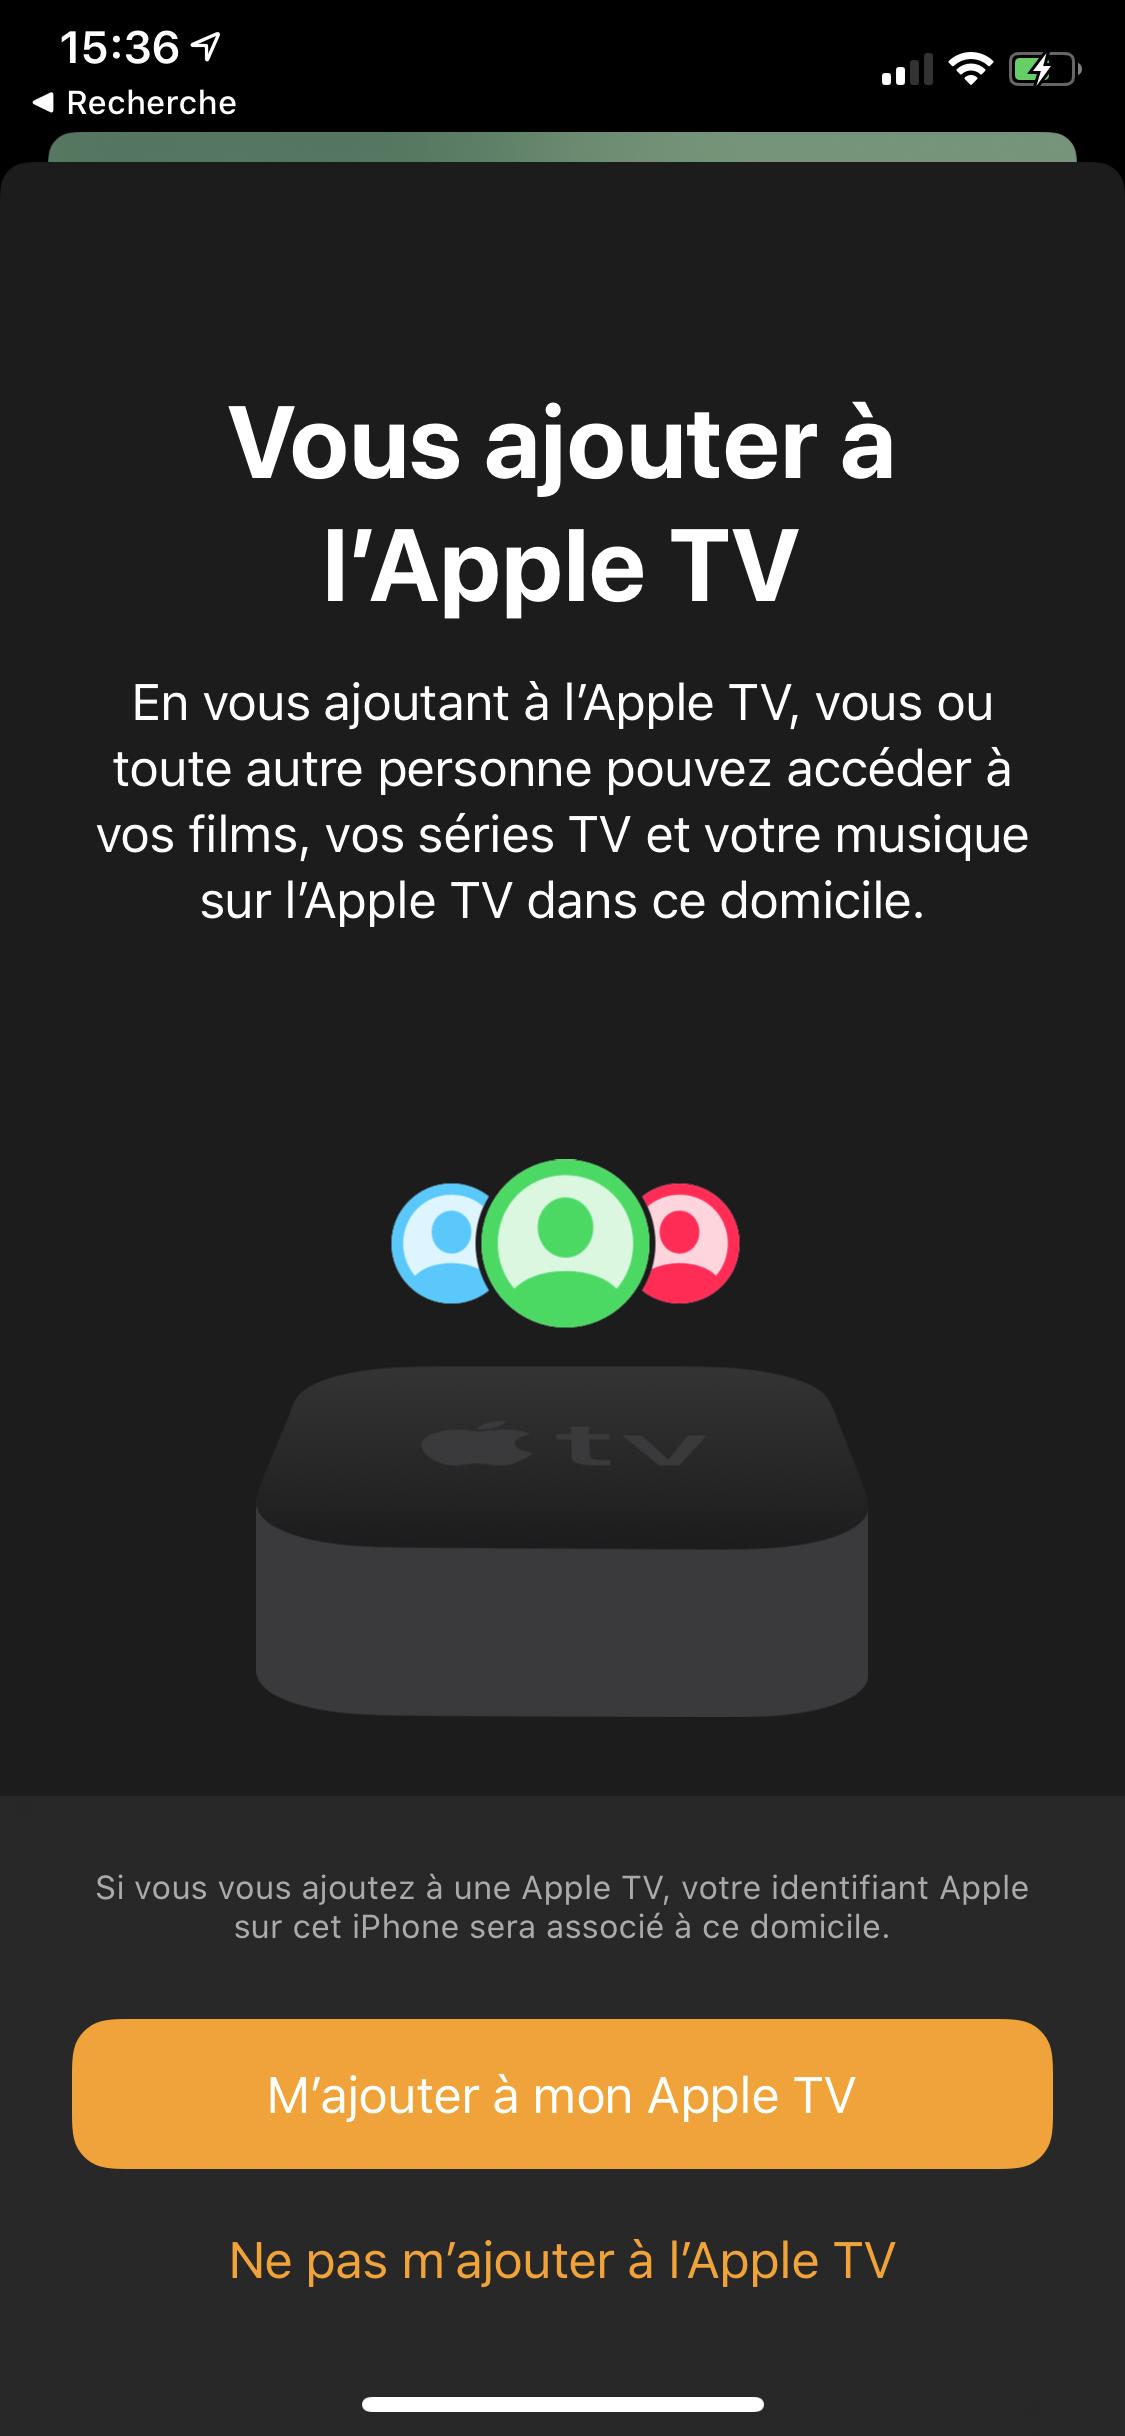 iOS 13 Maison